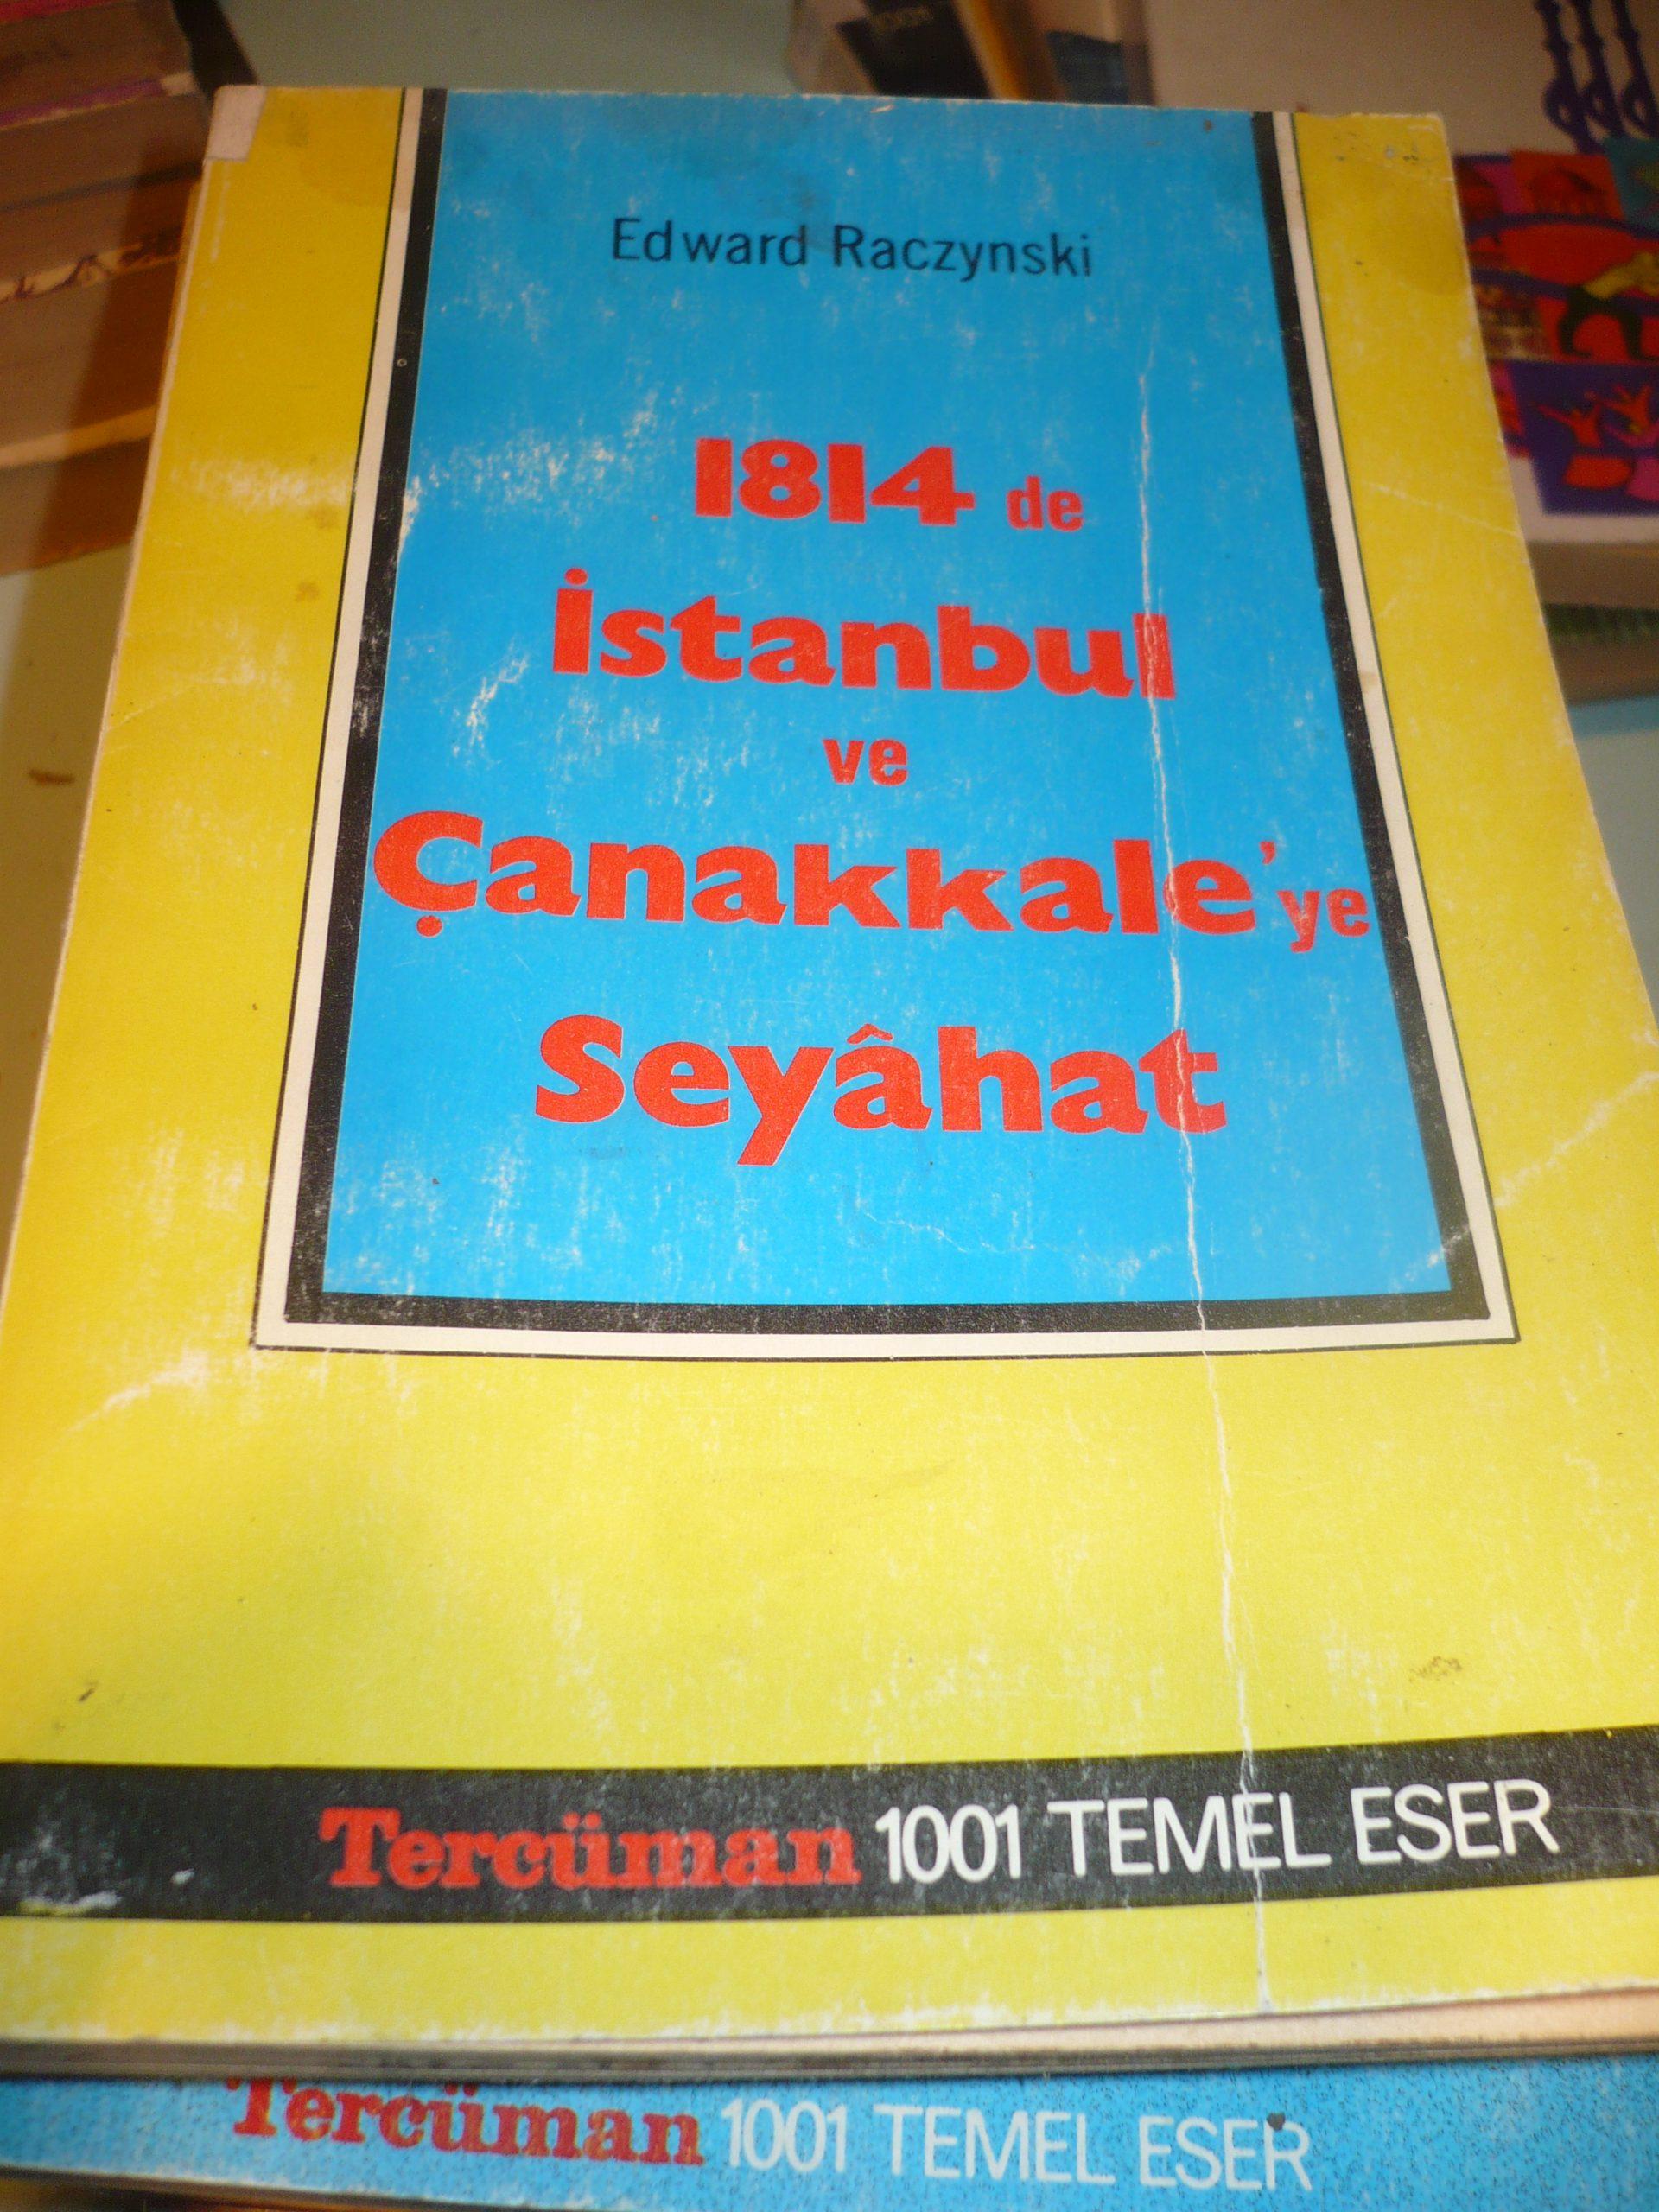 1844'de İstanbul ve Çanakkale'ye Seyahat/Tercüman 1001 temel eser